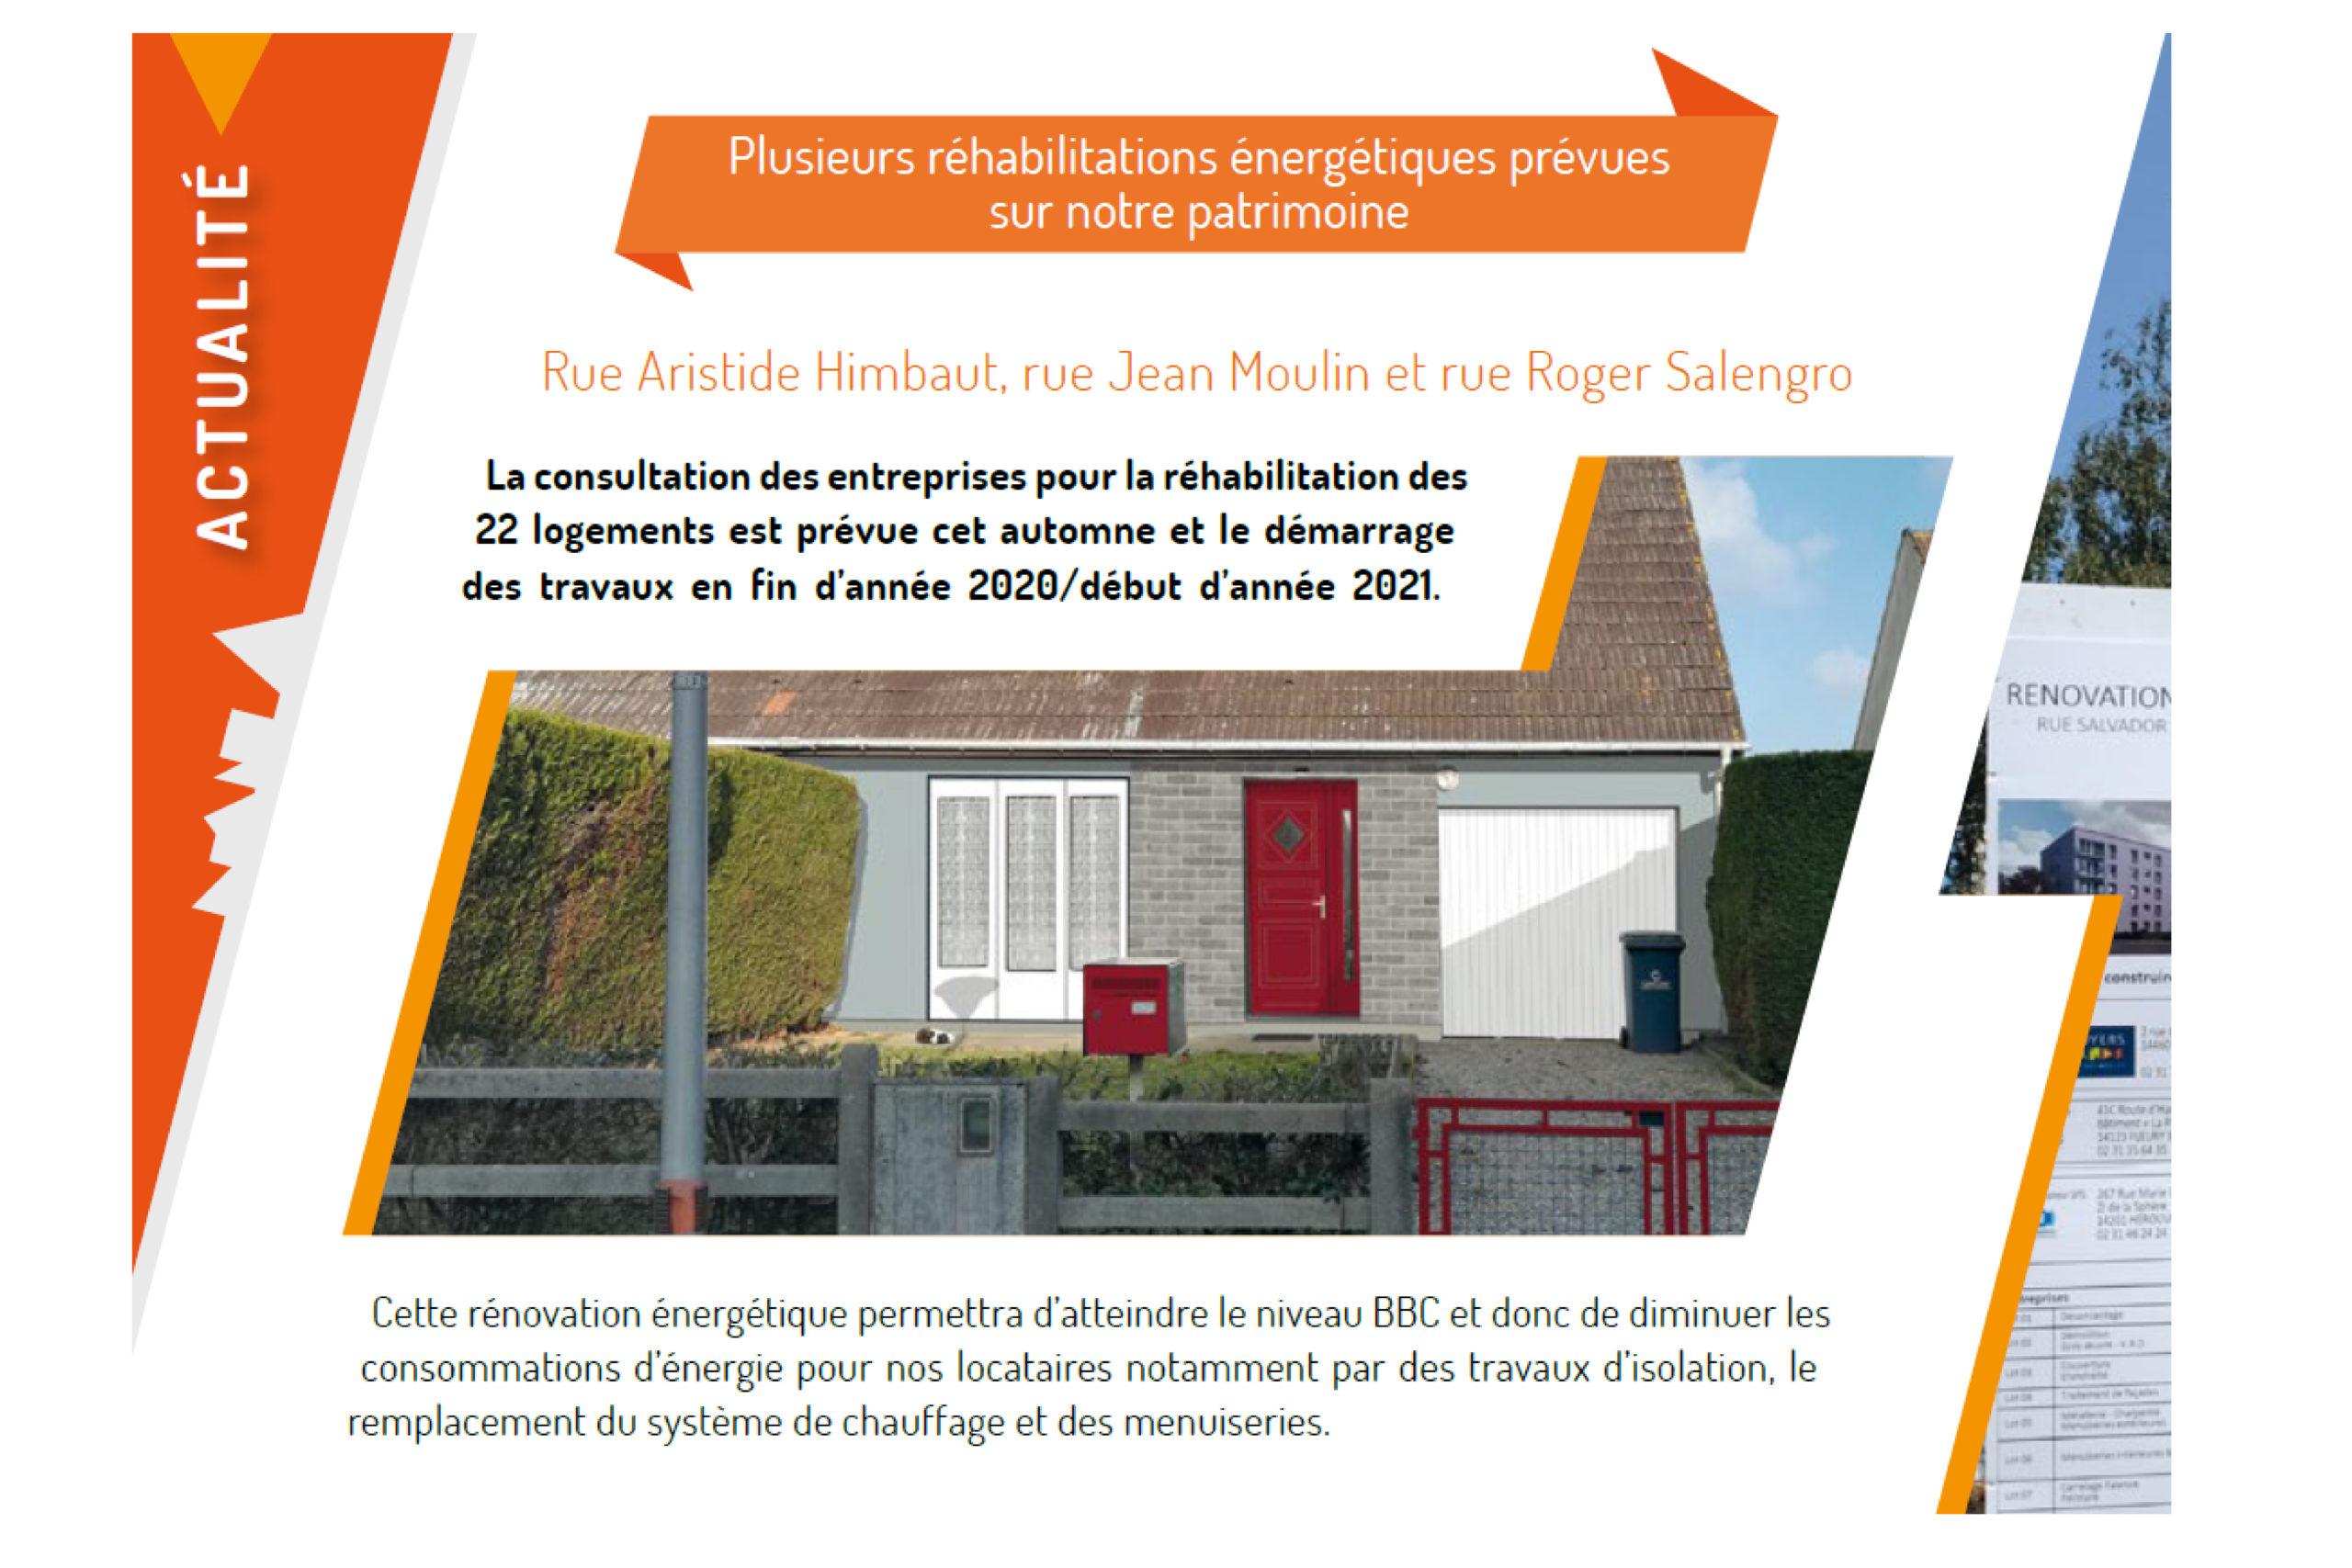 Plusieurs réhabilitations énergétiques prévues sur le patrimoine des Foyers Normands